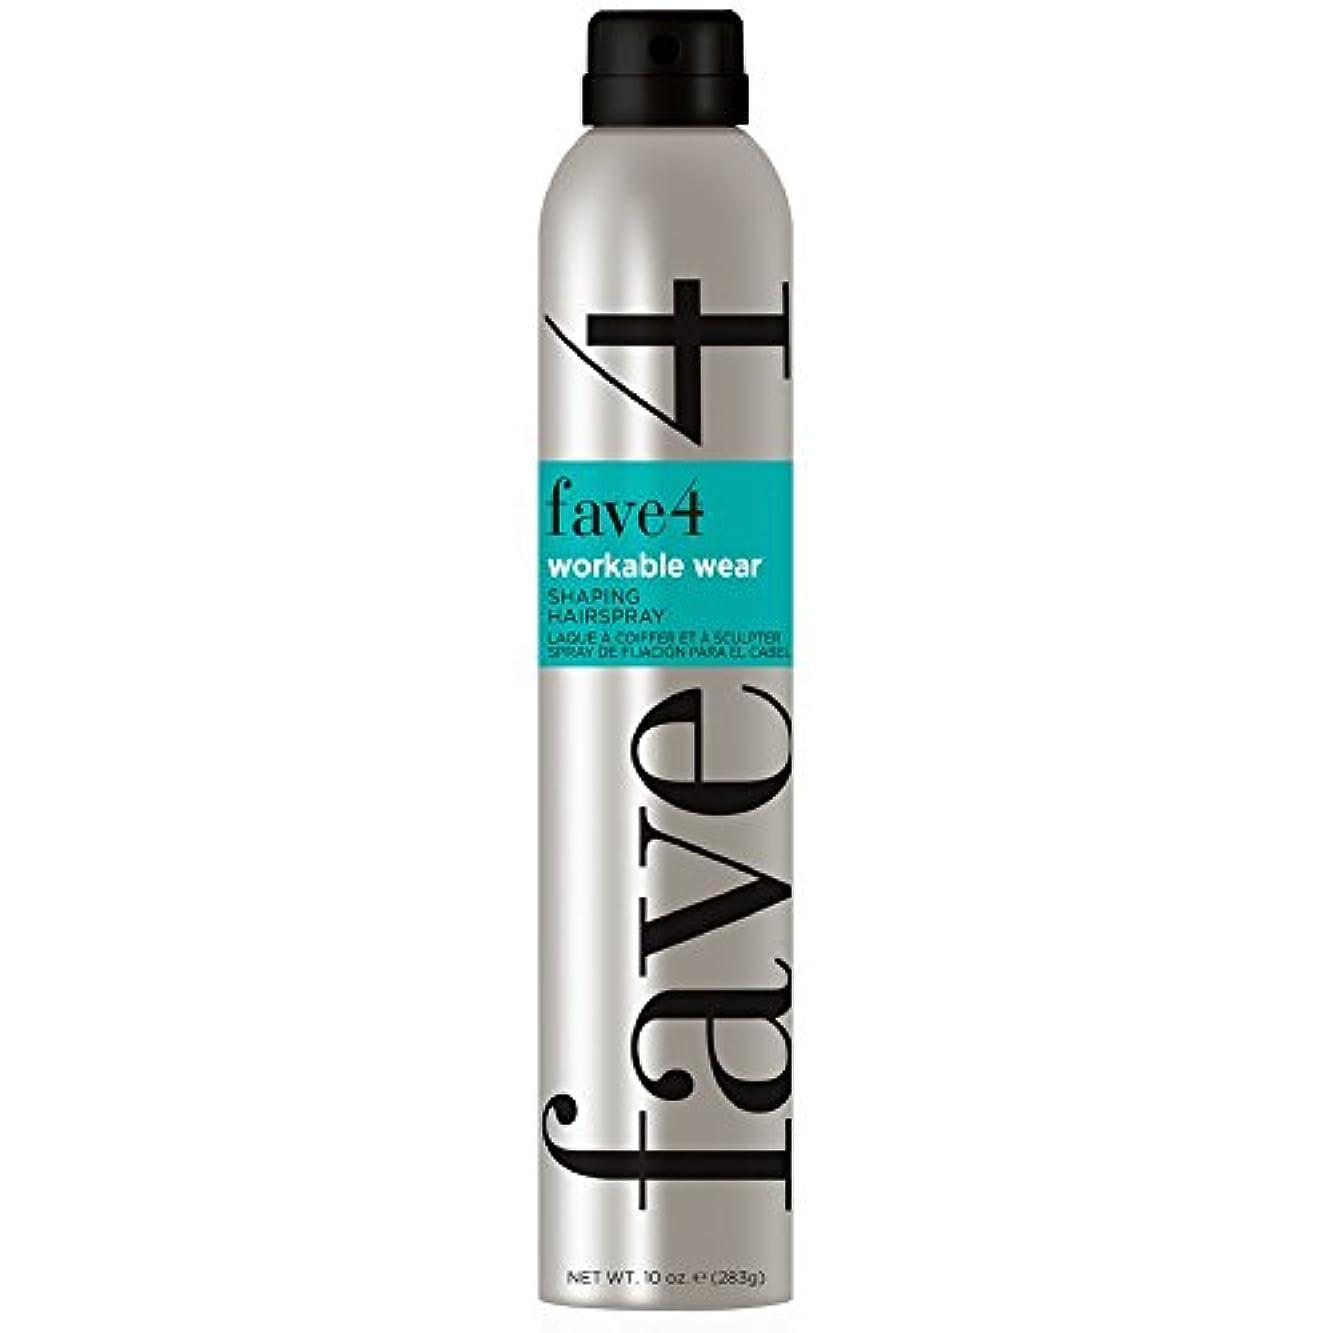 また明日ねブート上へfave4 実用服シェーピングヘアスプレー - 硫酸無料|パラベンフリー|グルテンフリー|虐待無料|色処理した毛髪、10オンスのための安全な 10オンス